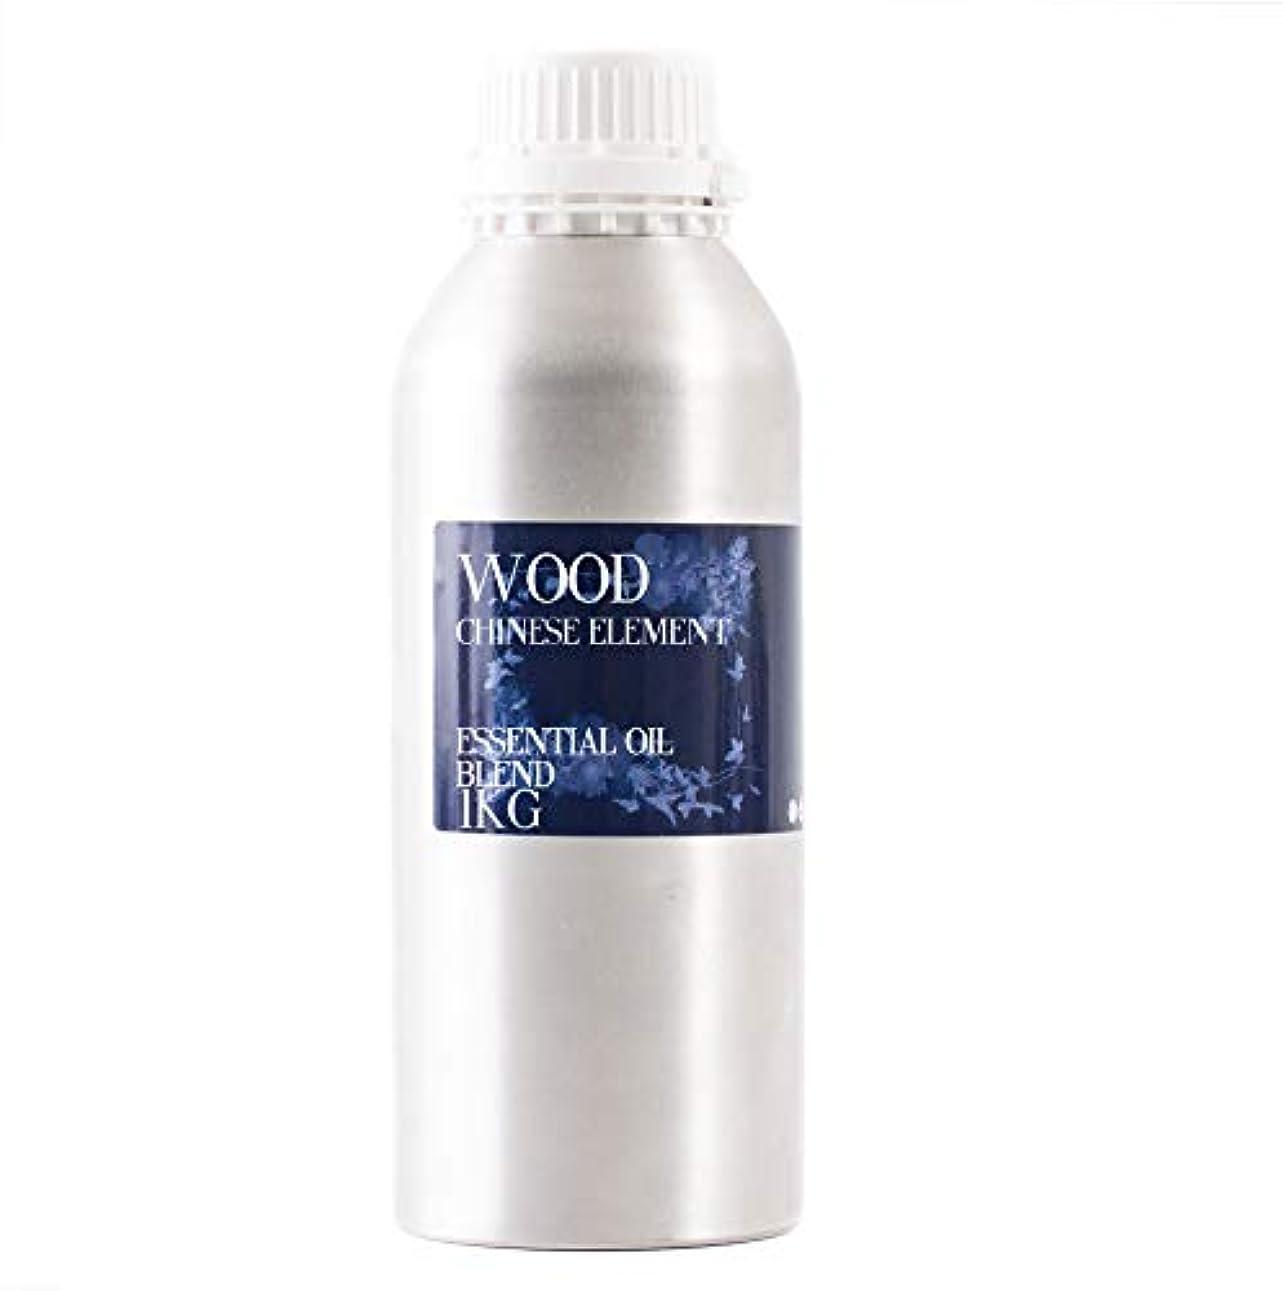 マリナー解釈する立ち向かうMystix London   Chinese Wood Element Essential Oil Blend - 1Kg